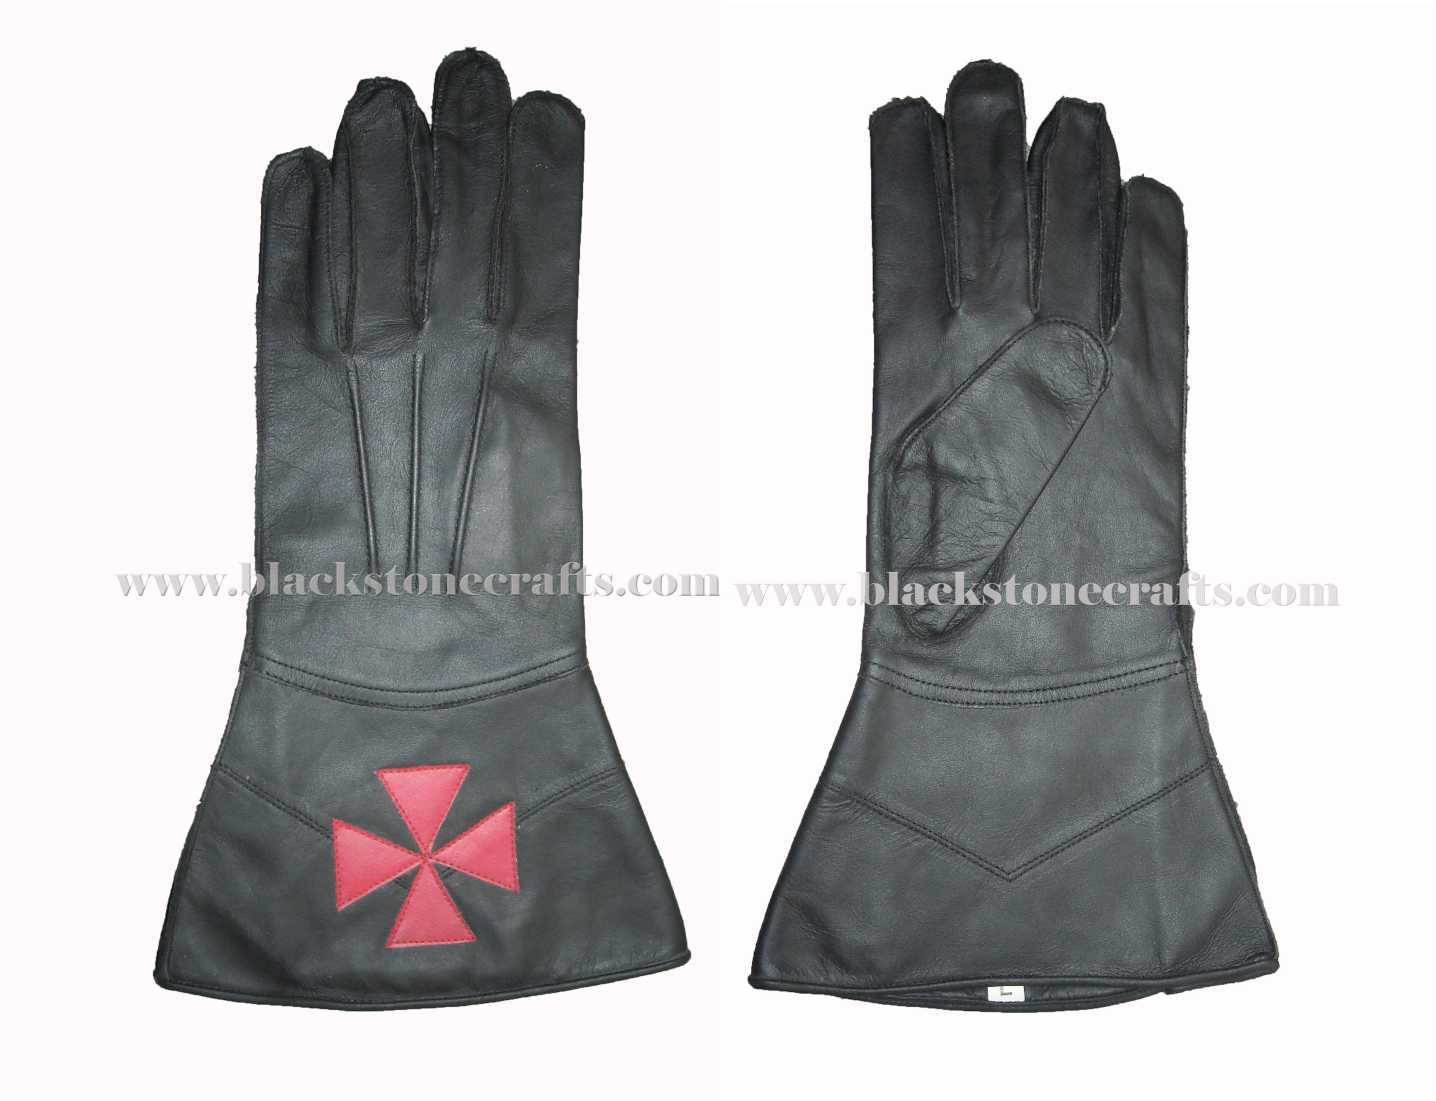 Black Leather Masonic Gloves